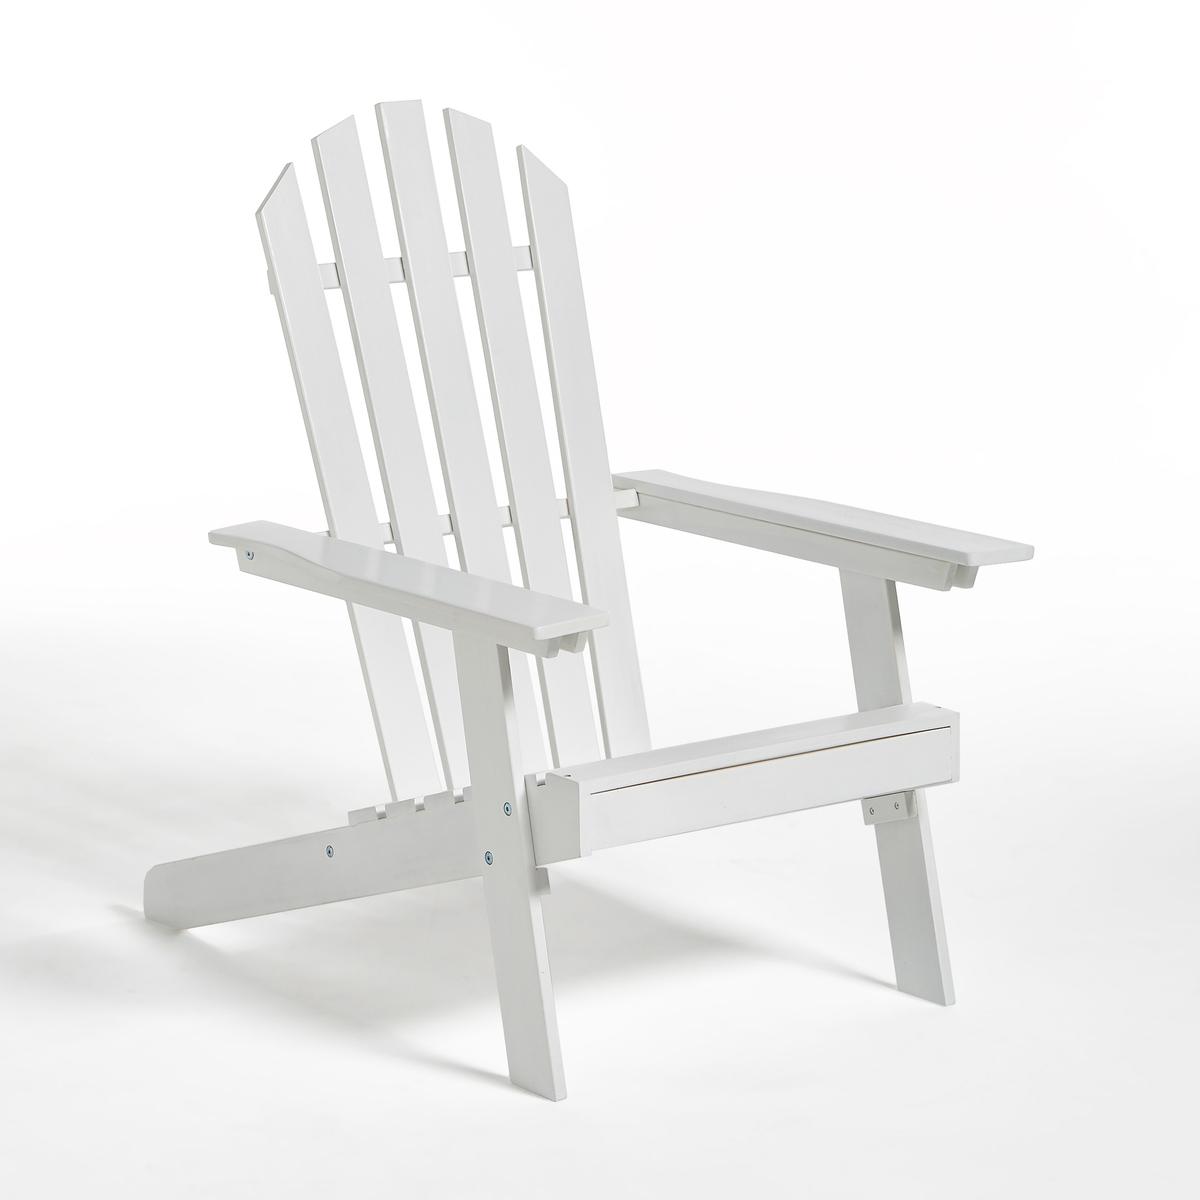 Стильное садовое кресло Adirondack, 3 положения, гамма  ZedaСадовое кресло Zeda в стиле Адирондак. Сделанное по образу легендарного американского кресла, удобного и функционального, это кресло соединяет в себе влияние природы и несравненный комфорт !Немного небрежный шарм начала XXвека   придает легкий налет старины как вашей террасе, так и всему интерьеру!Характеристики :- Из акации, выращенной в лесах устойчивого управления- С покрытием под тиковое дерево или цветнымКресло в стиле Адирондак доставляется в разобранном виде, инструкция по сборке в комплекте.Описание чехла для подушки Bayac Размеры садового кресла :3 положения Длина : 69 смШирина : 89/94,5Высота : 86,5/98 см Размеры сиденья :Длина  53x Ширина 45x высота 34Размеры упаковки :1 посылкаДлина 98 смШирина 55,5 см Высота 15 смВес 10,5 кг Качество :Акация обладает хорошими механическими свойствами (прочность, устойчивость к насекомым и грибам, устойчивость к непогоде и чередованию сухой и влажной погоды). Доставка:Садовое кресло поставляется готовым к сборке . Товар может быть доставлен прямо до квартиры при предварительной договоренности по телефону!Внимание! Убедитесь, что товар проходит по габаритам (дверные проемы, лестницы, лифты).<br><br>Цвет: белый,синий<br>Размер: единый размер.единый размер